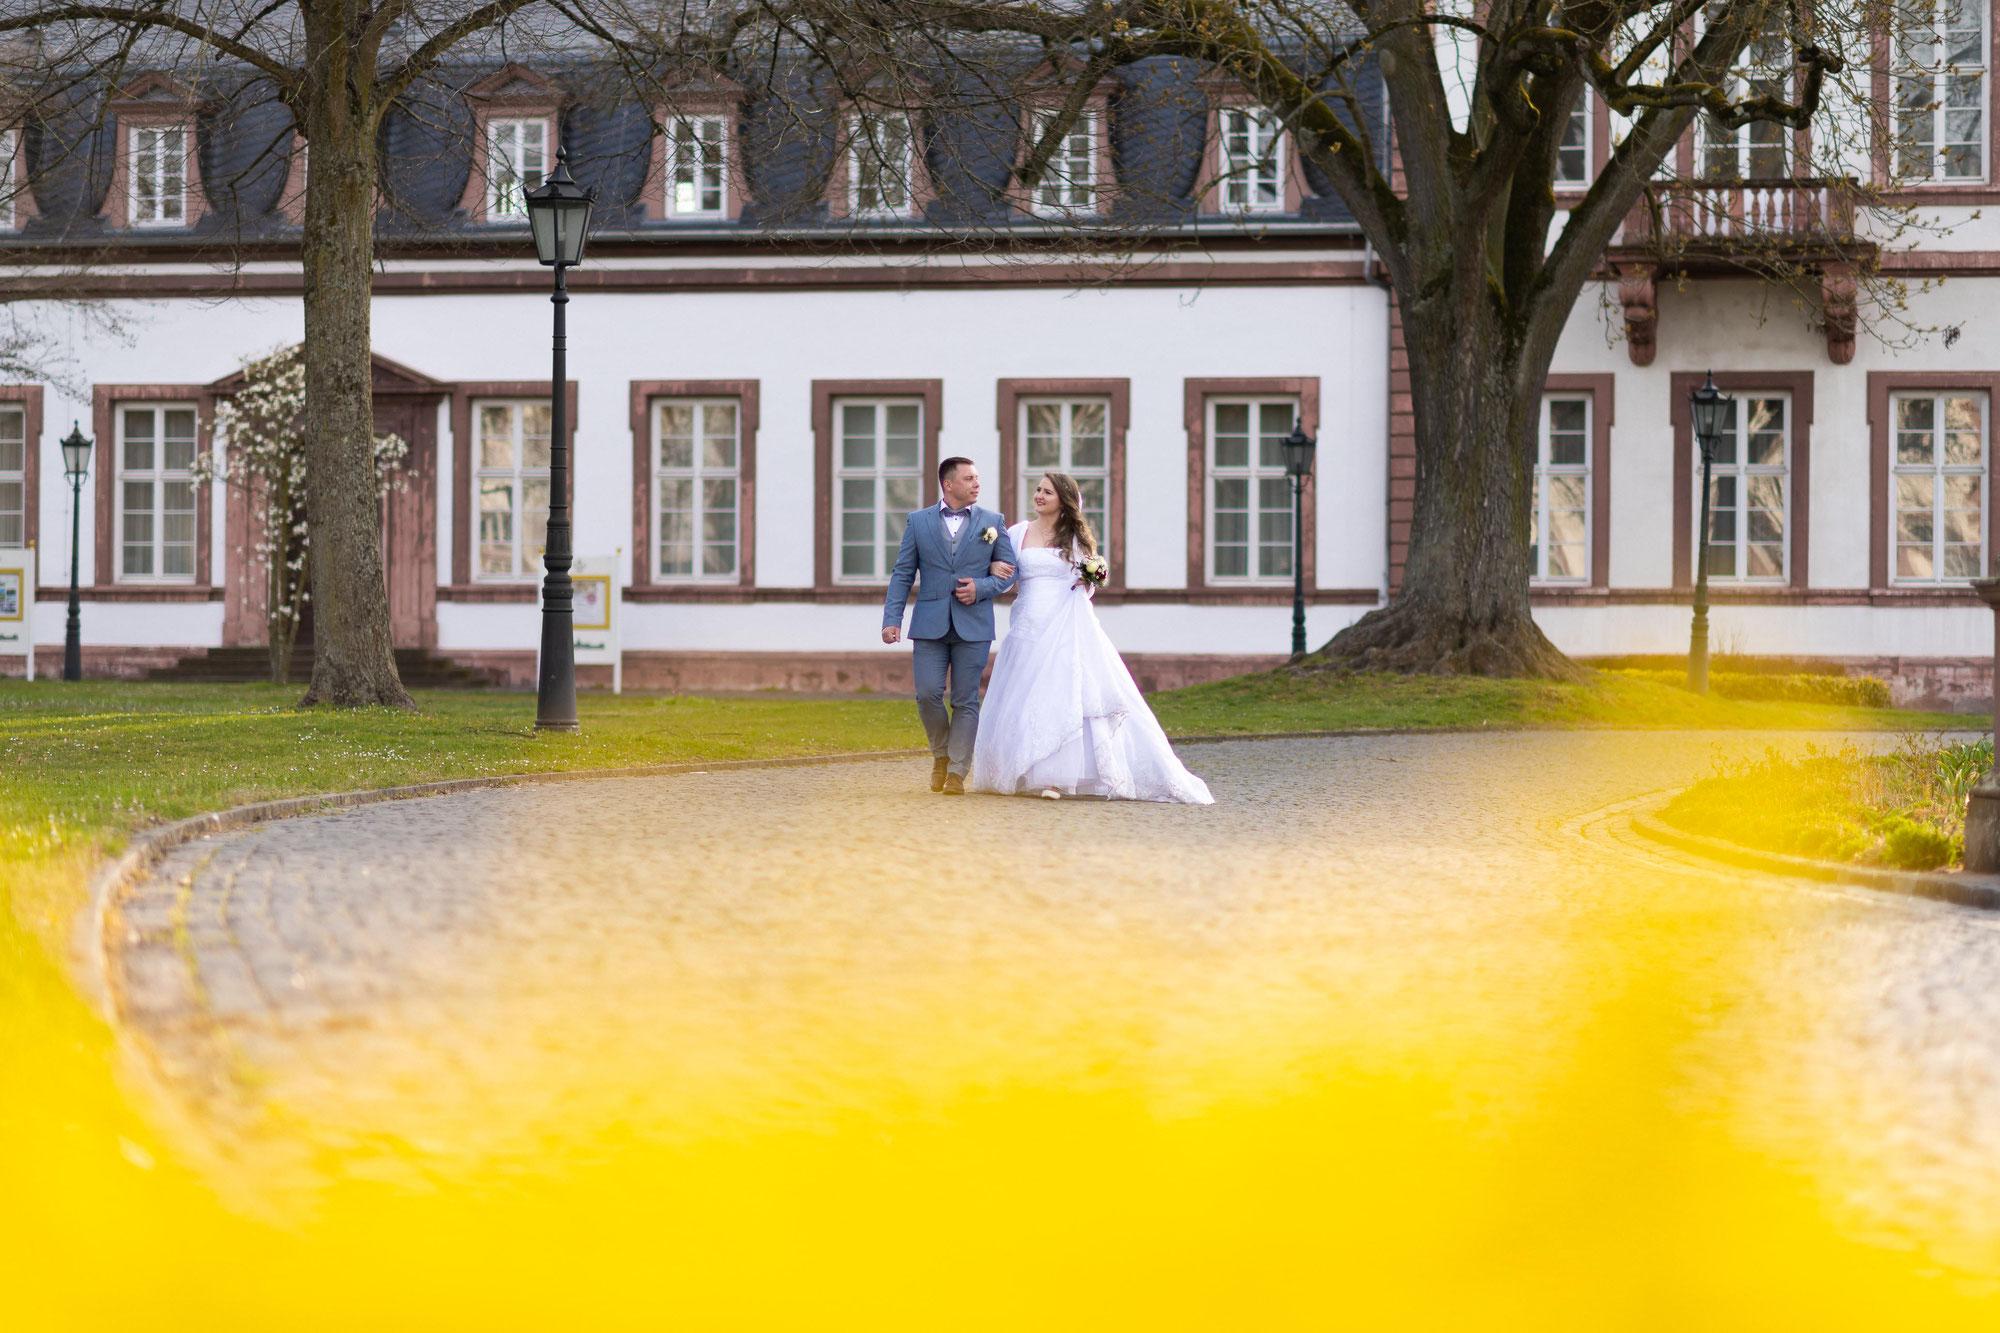 Hochzeitsfotograf für Hochzeitsfotos in Zeiten von Corona